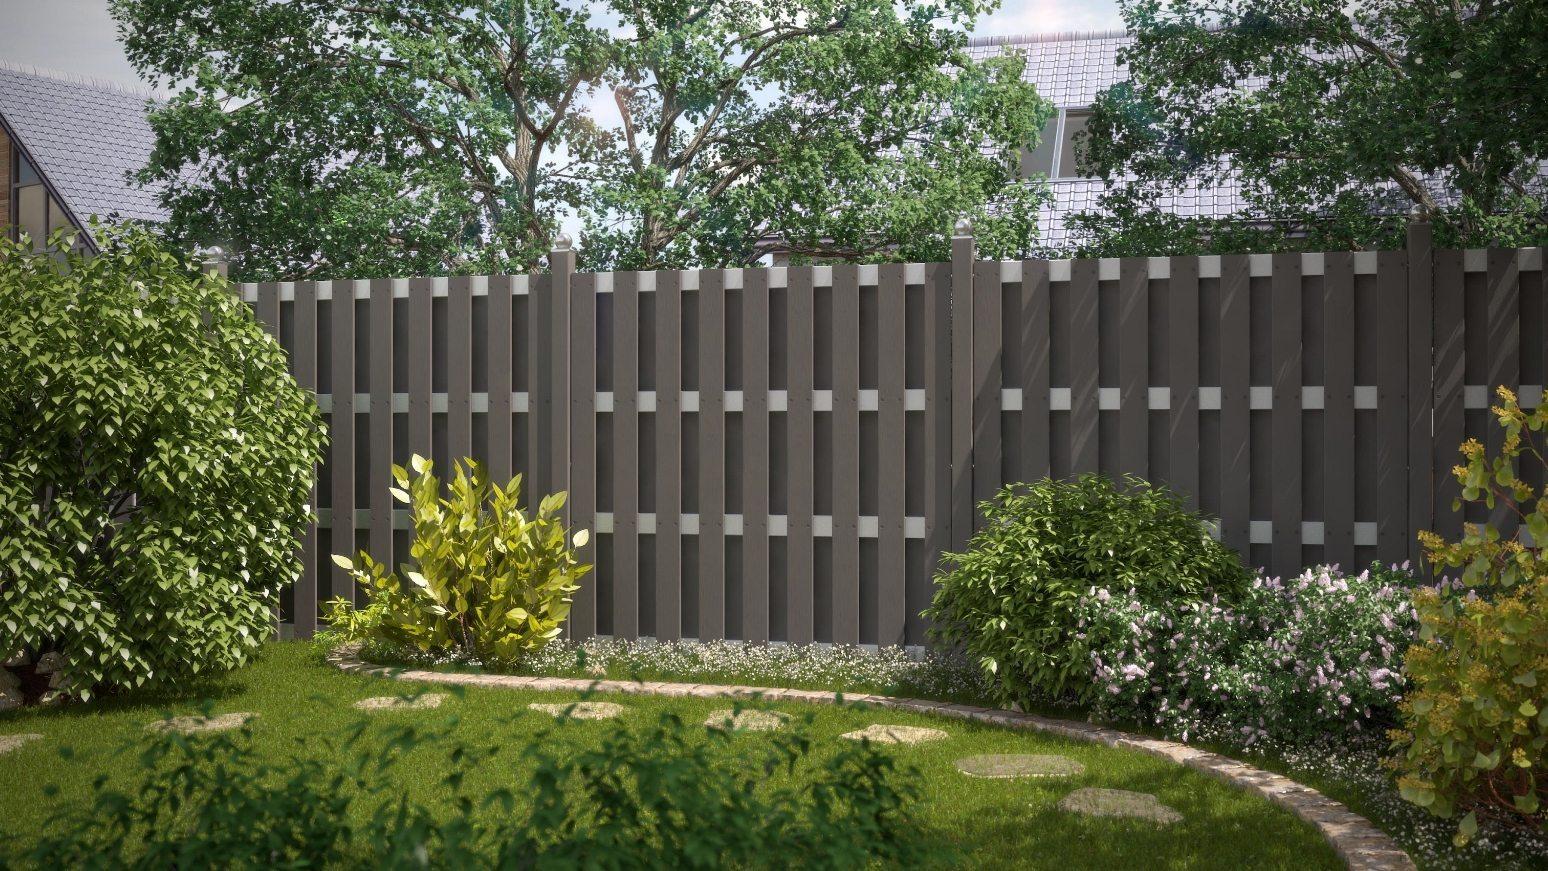 Sichtschutzzaun Jumbo WPC 179x179 cm günstig gabione steinkorb